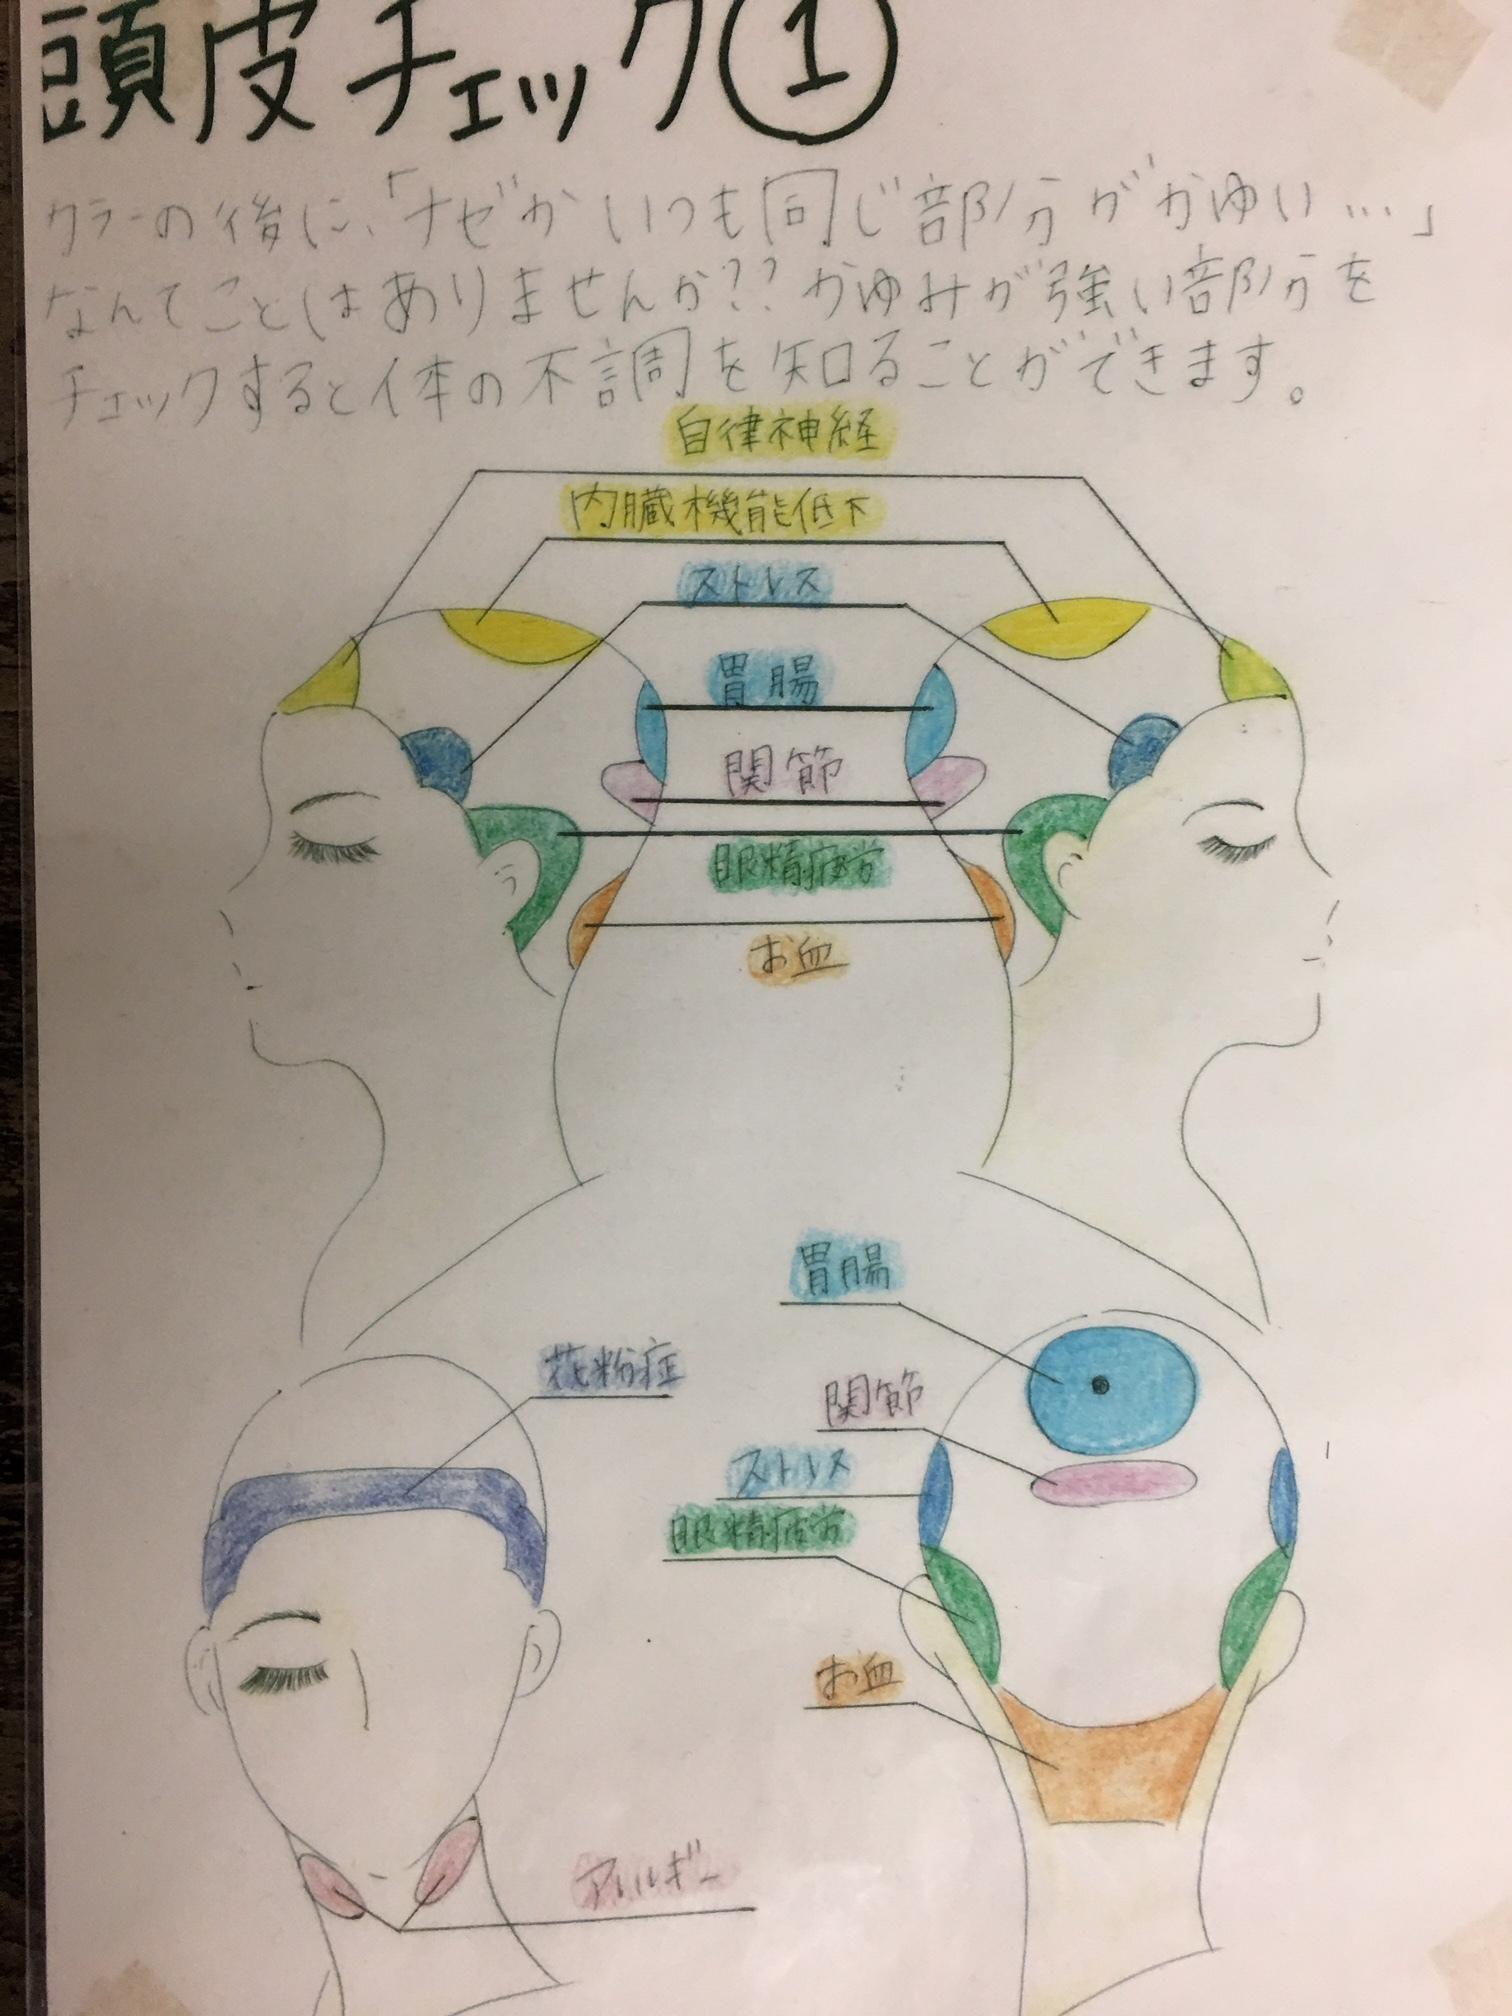 頭皮診断 頭の反射区 カウンセリング http://www.ankh-jp.com